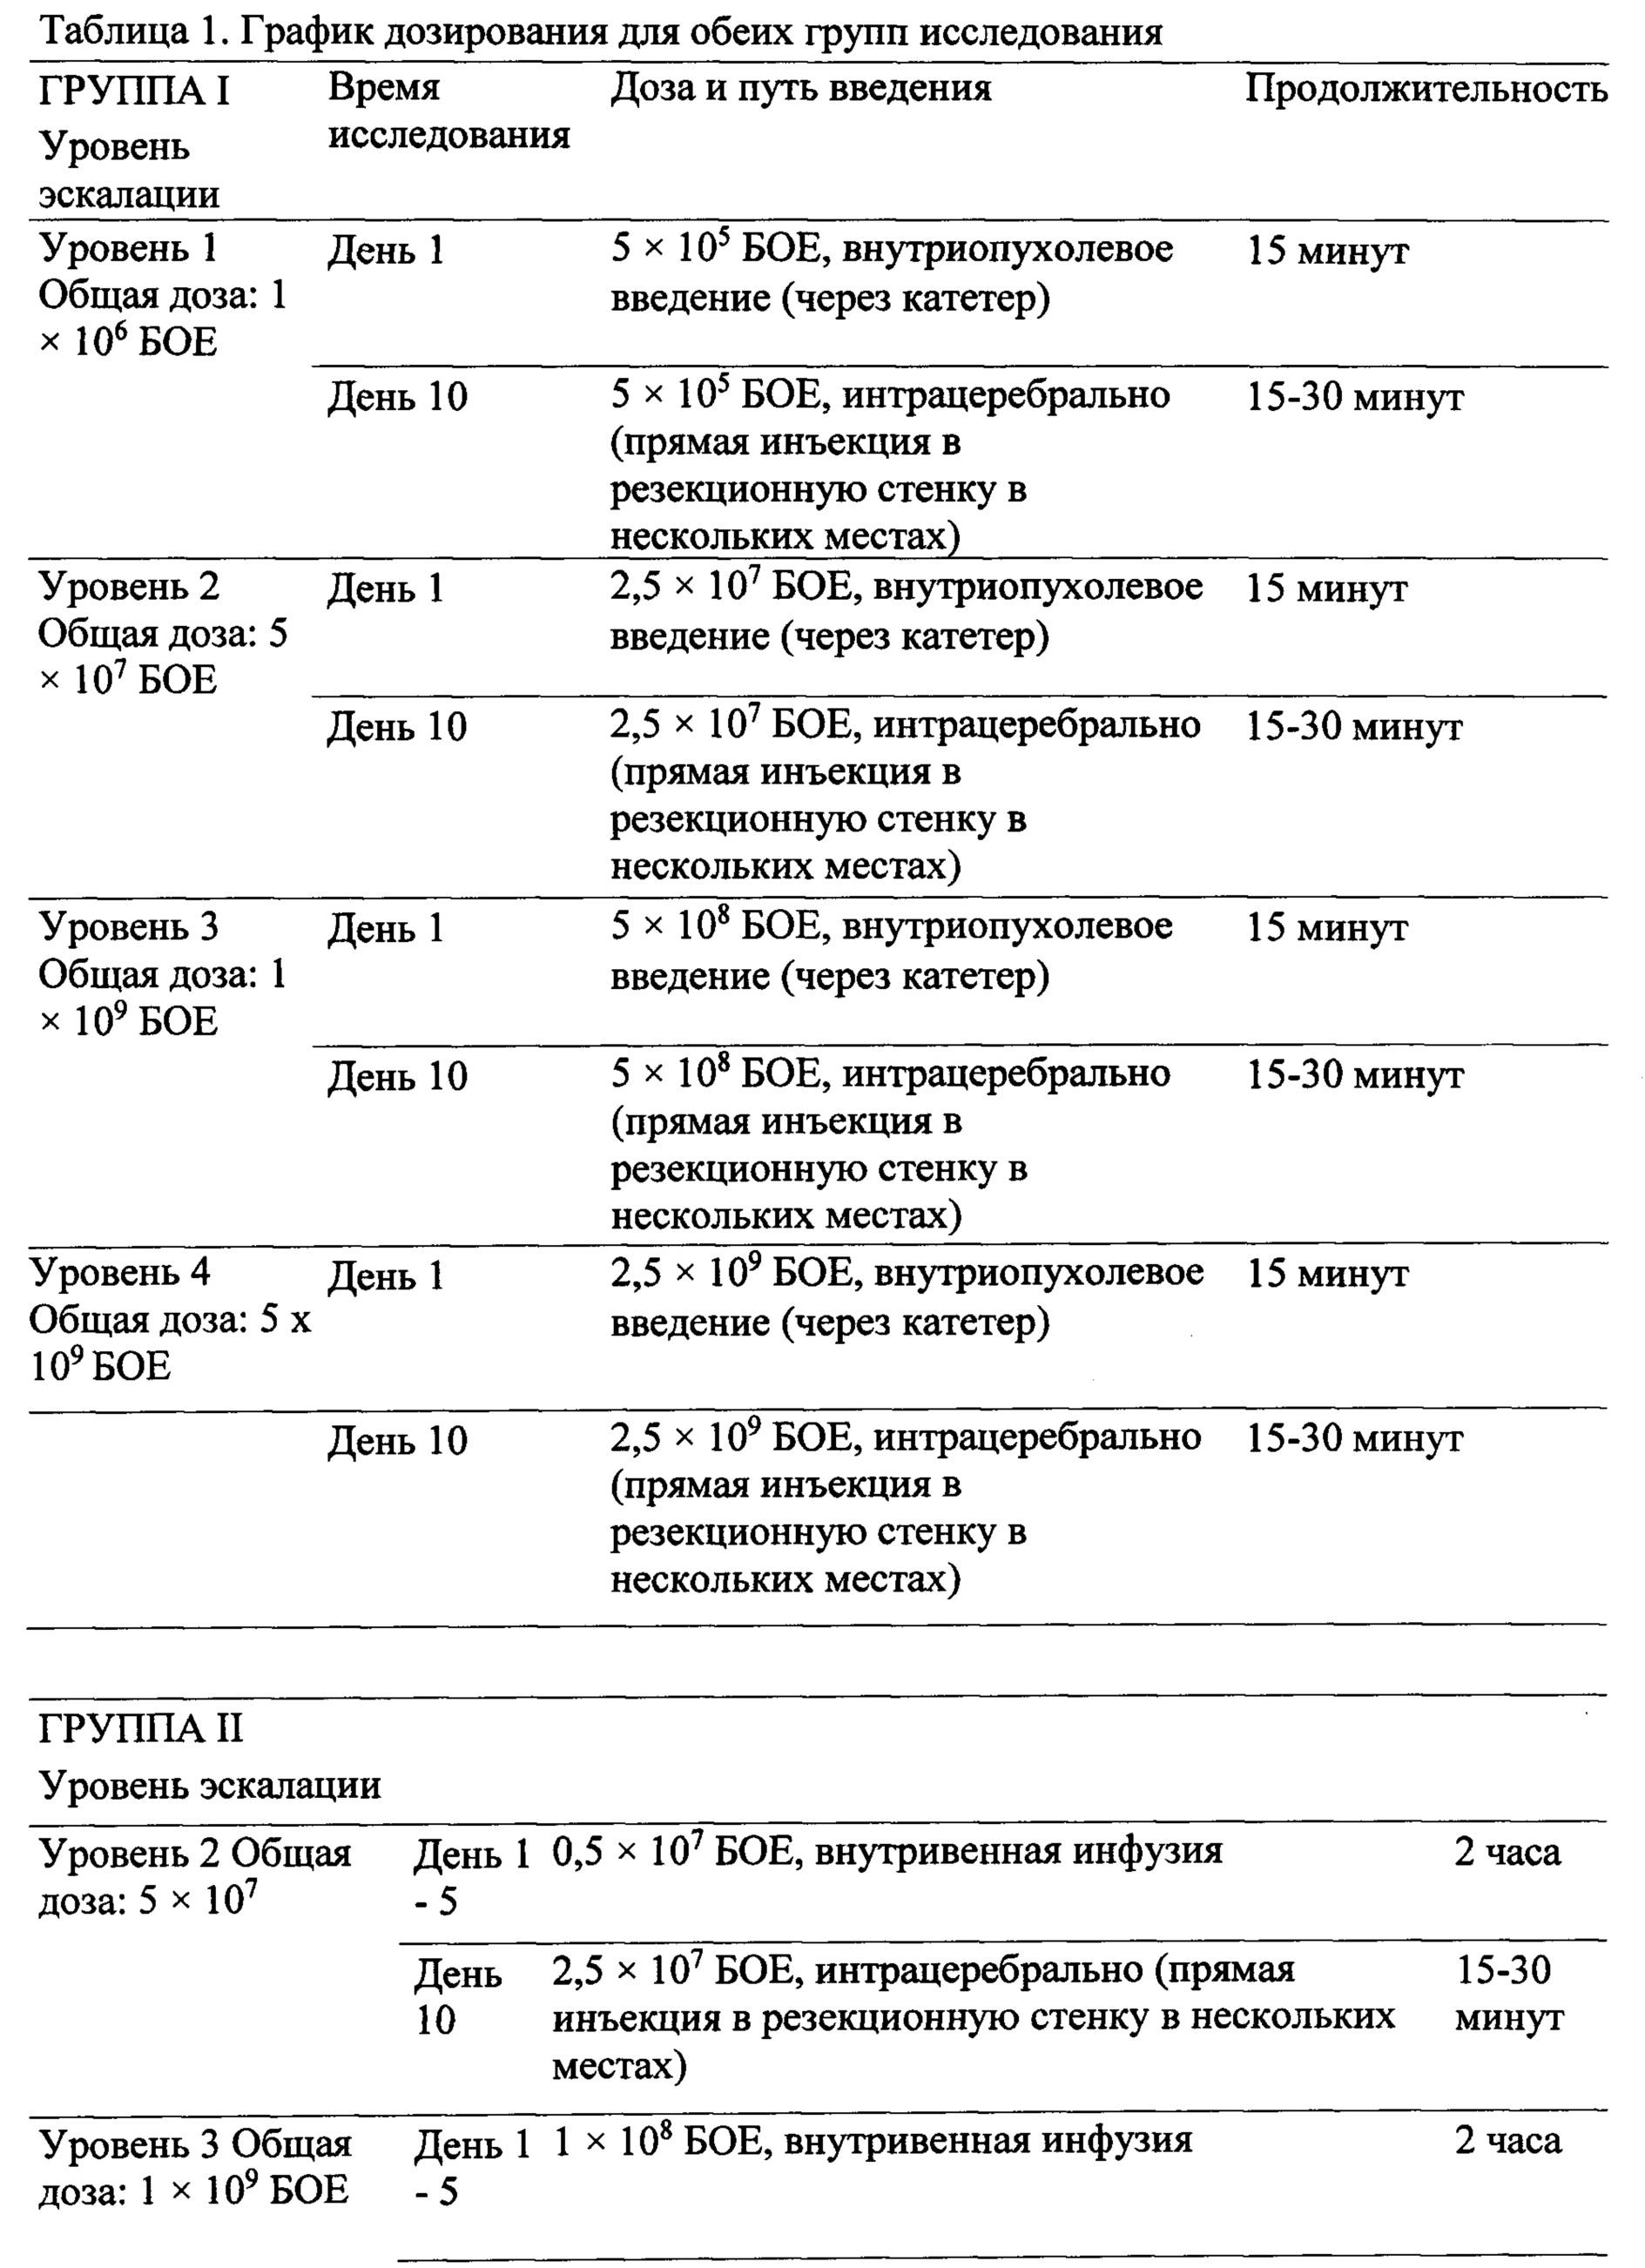 Лечение рака парвовирусом в комбинации с бевацизумабом